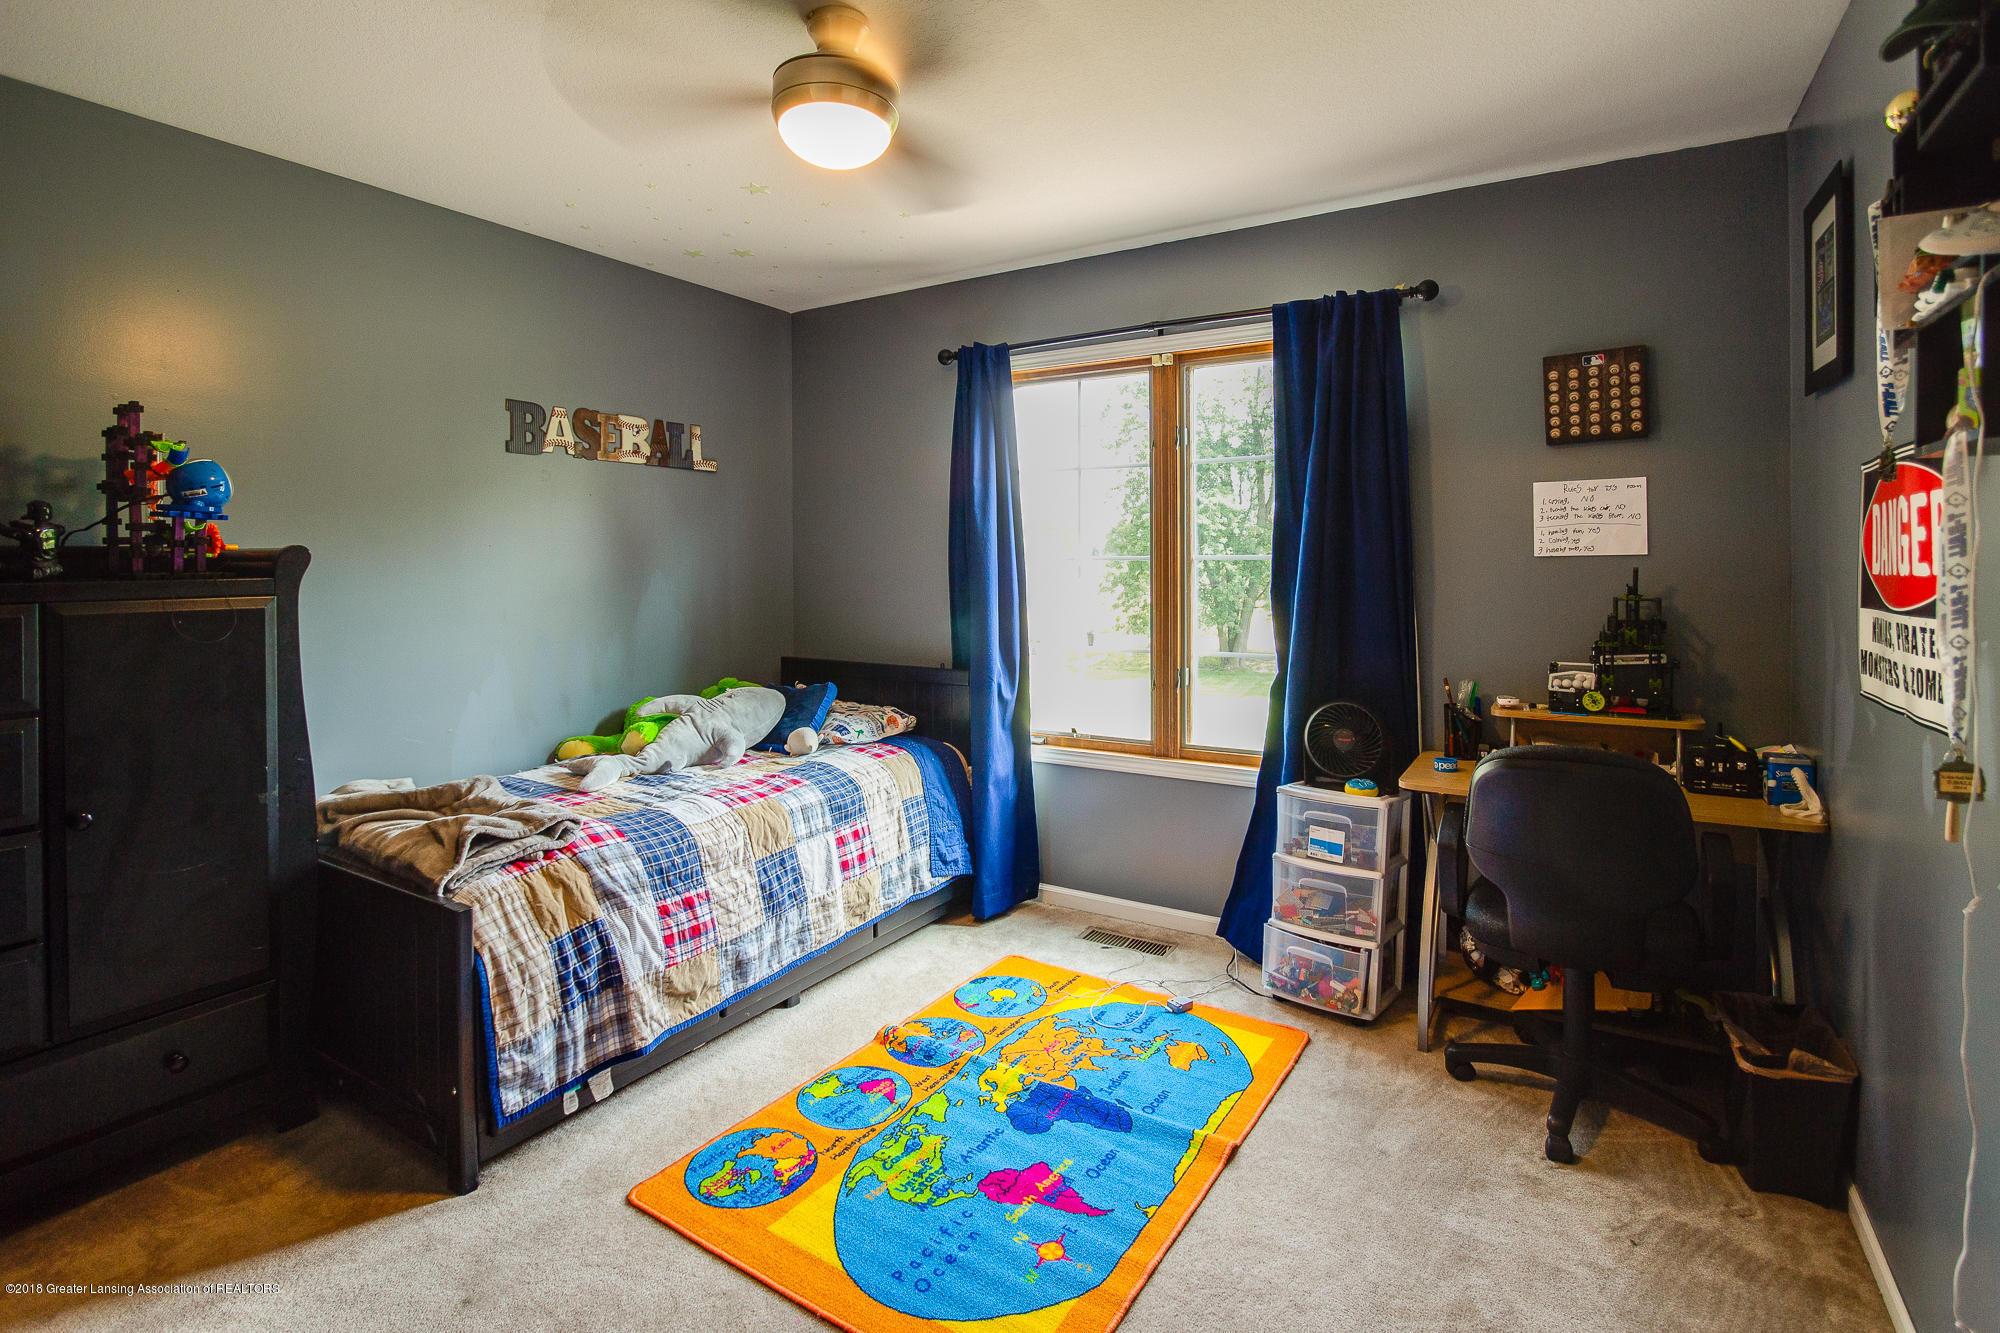 3763 N Airport Rd - Bedroom 2 - 25